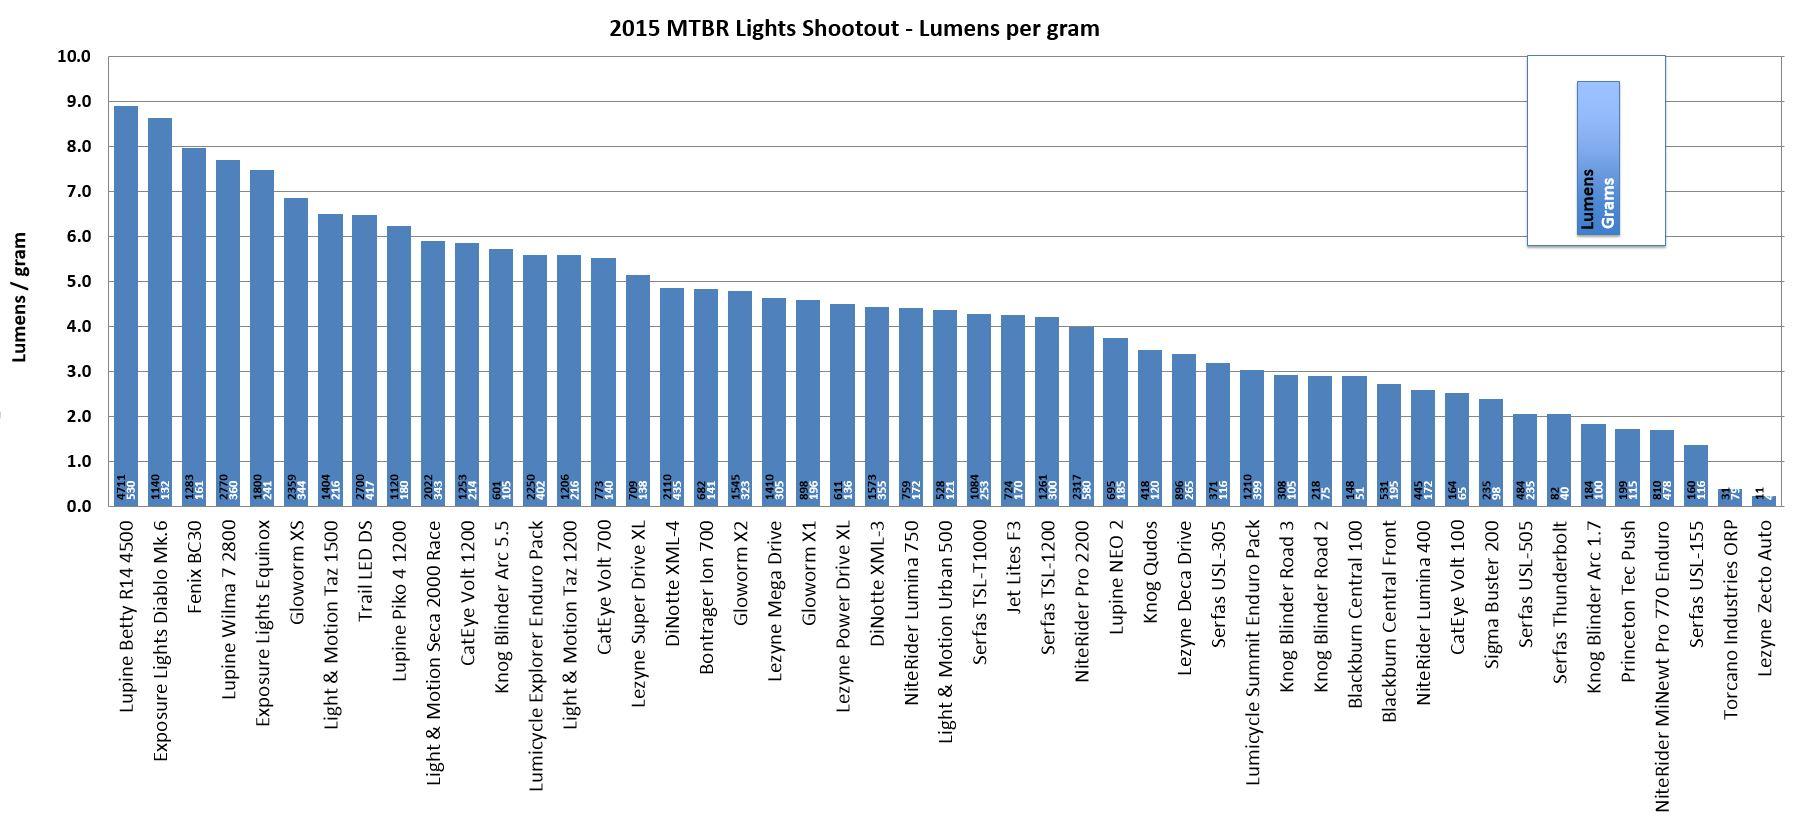 2015 Lights Shootout Lumens per Gram